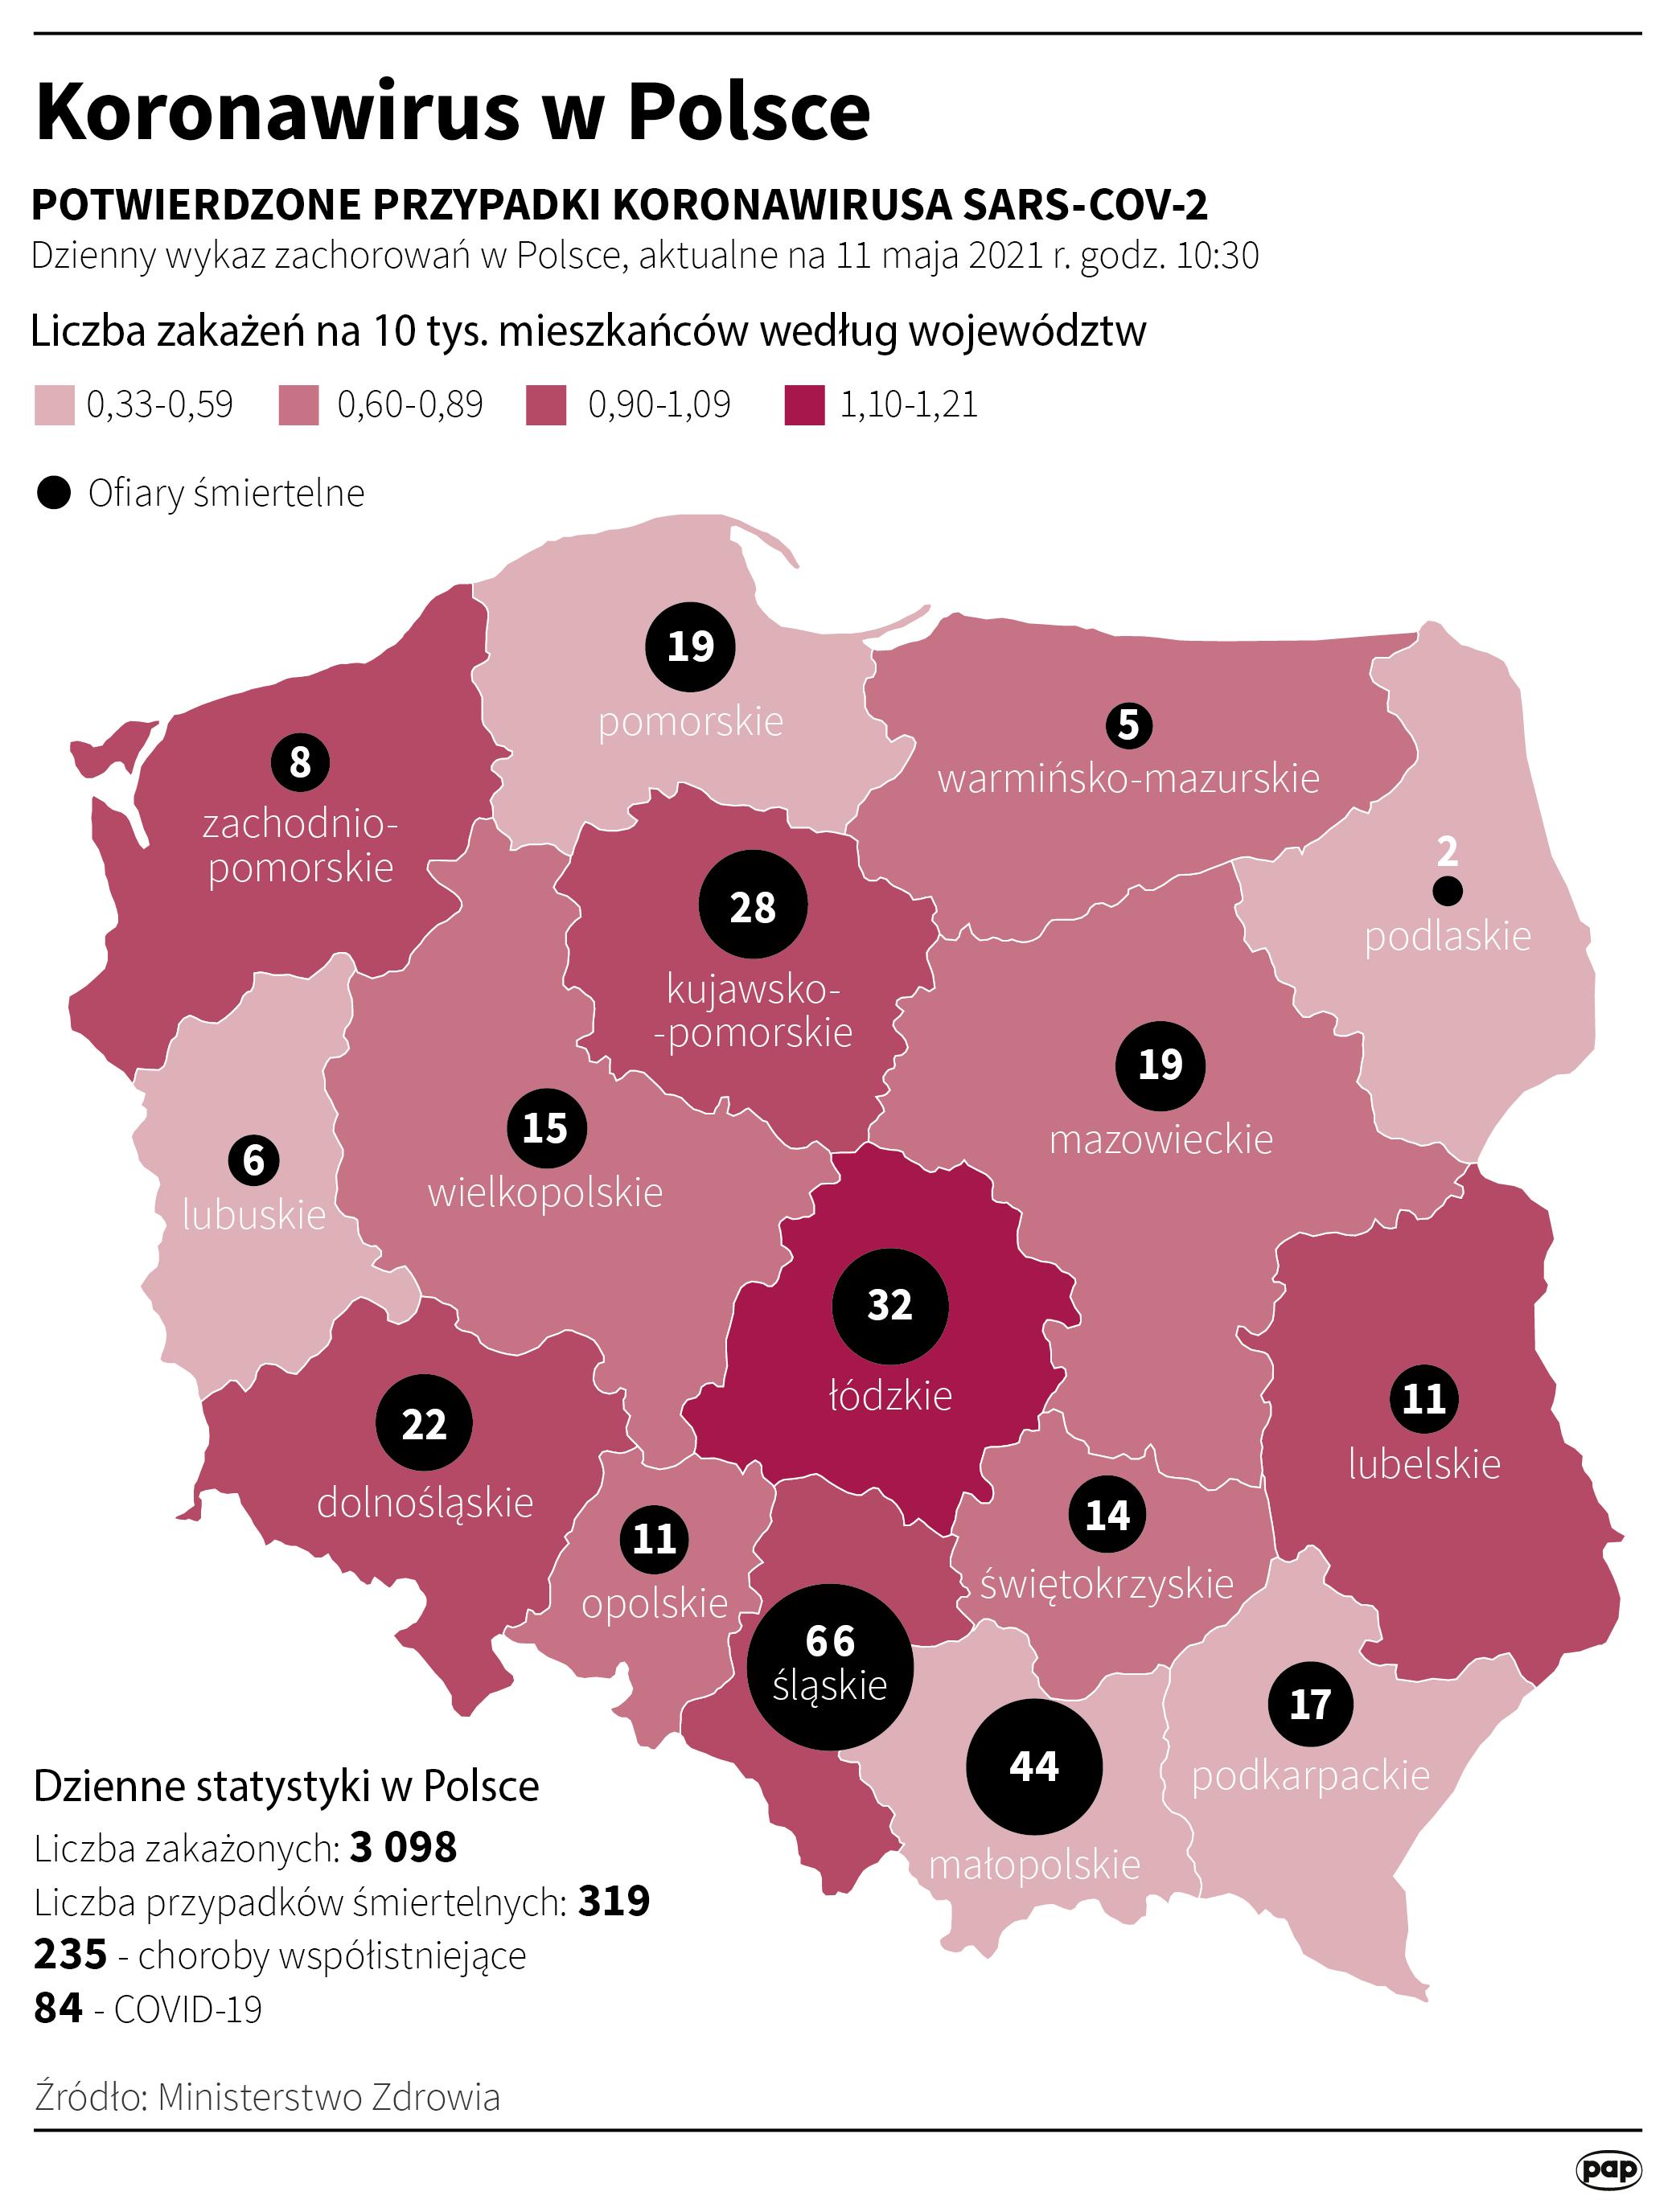 Koronawirus w Polsce - stan na 11 maja [Autor: Maciej Zieliński, źródło: PAP]